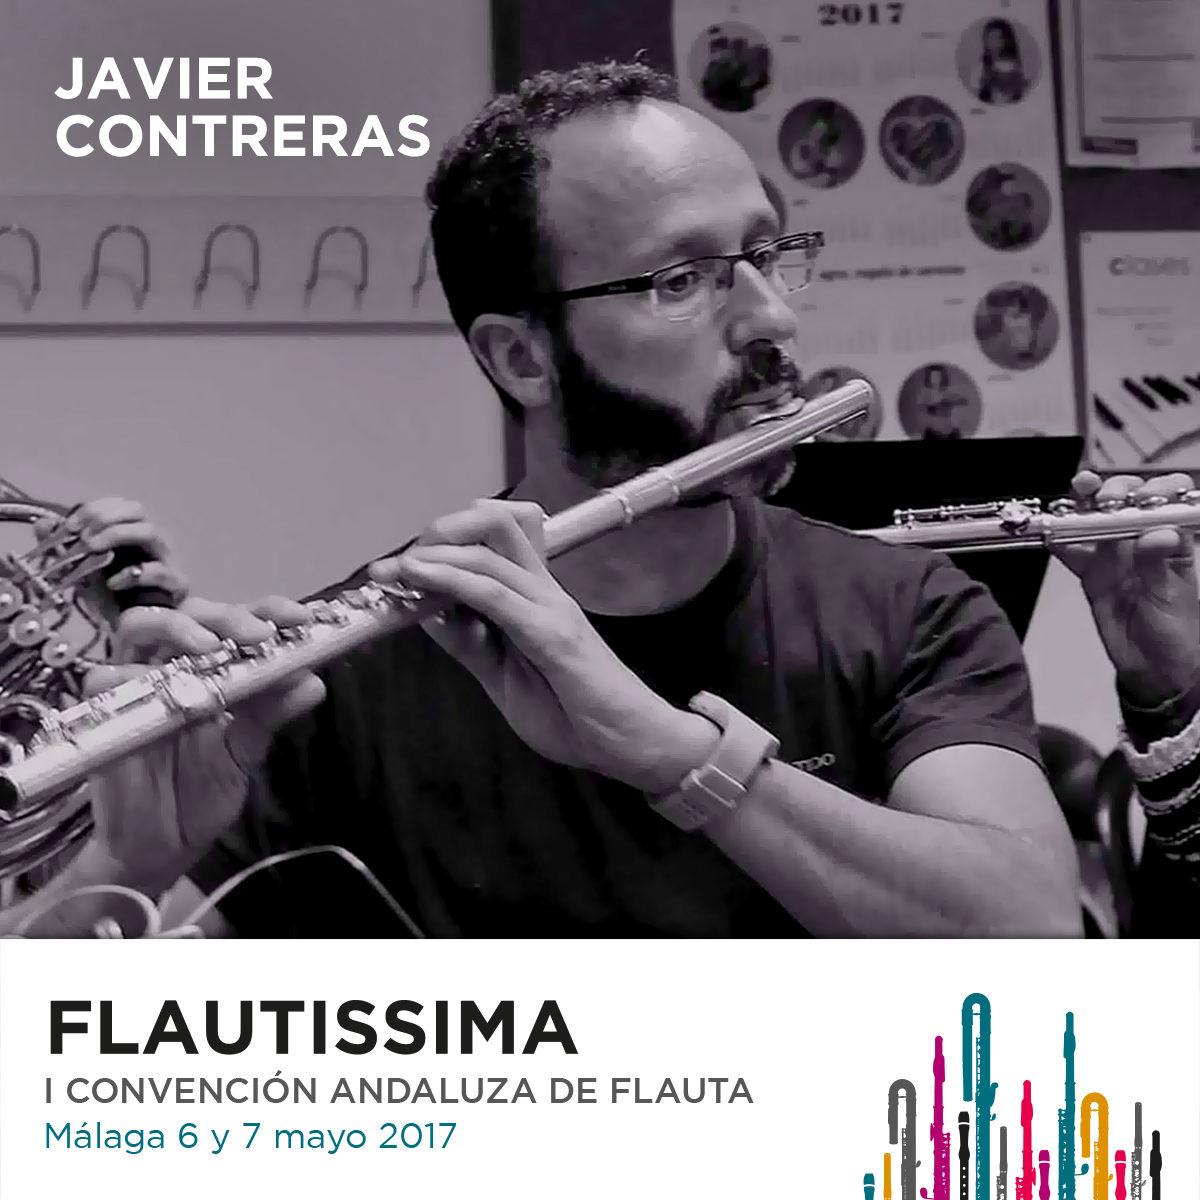 Javier Contreras Flautissima